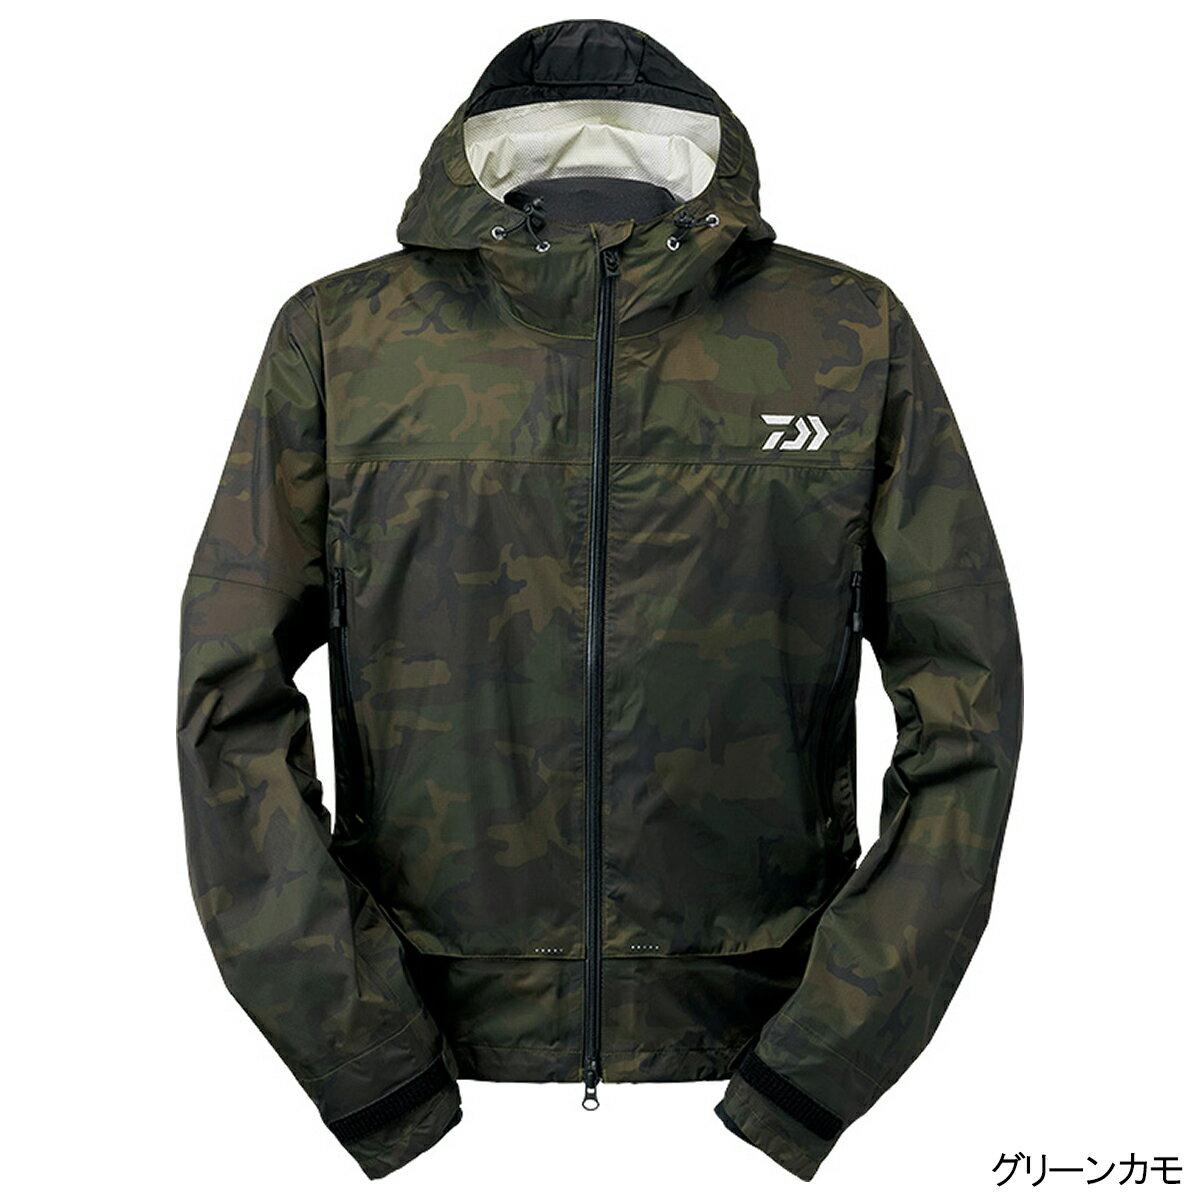 ダイワ レインマックス ショートレインジャケット DR-39009J XL グリーンカモ【送料無料】